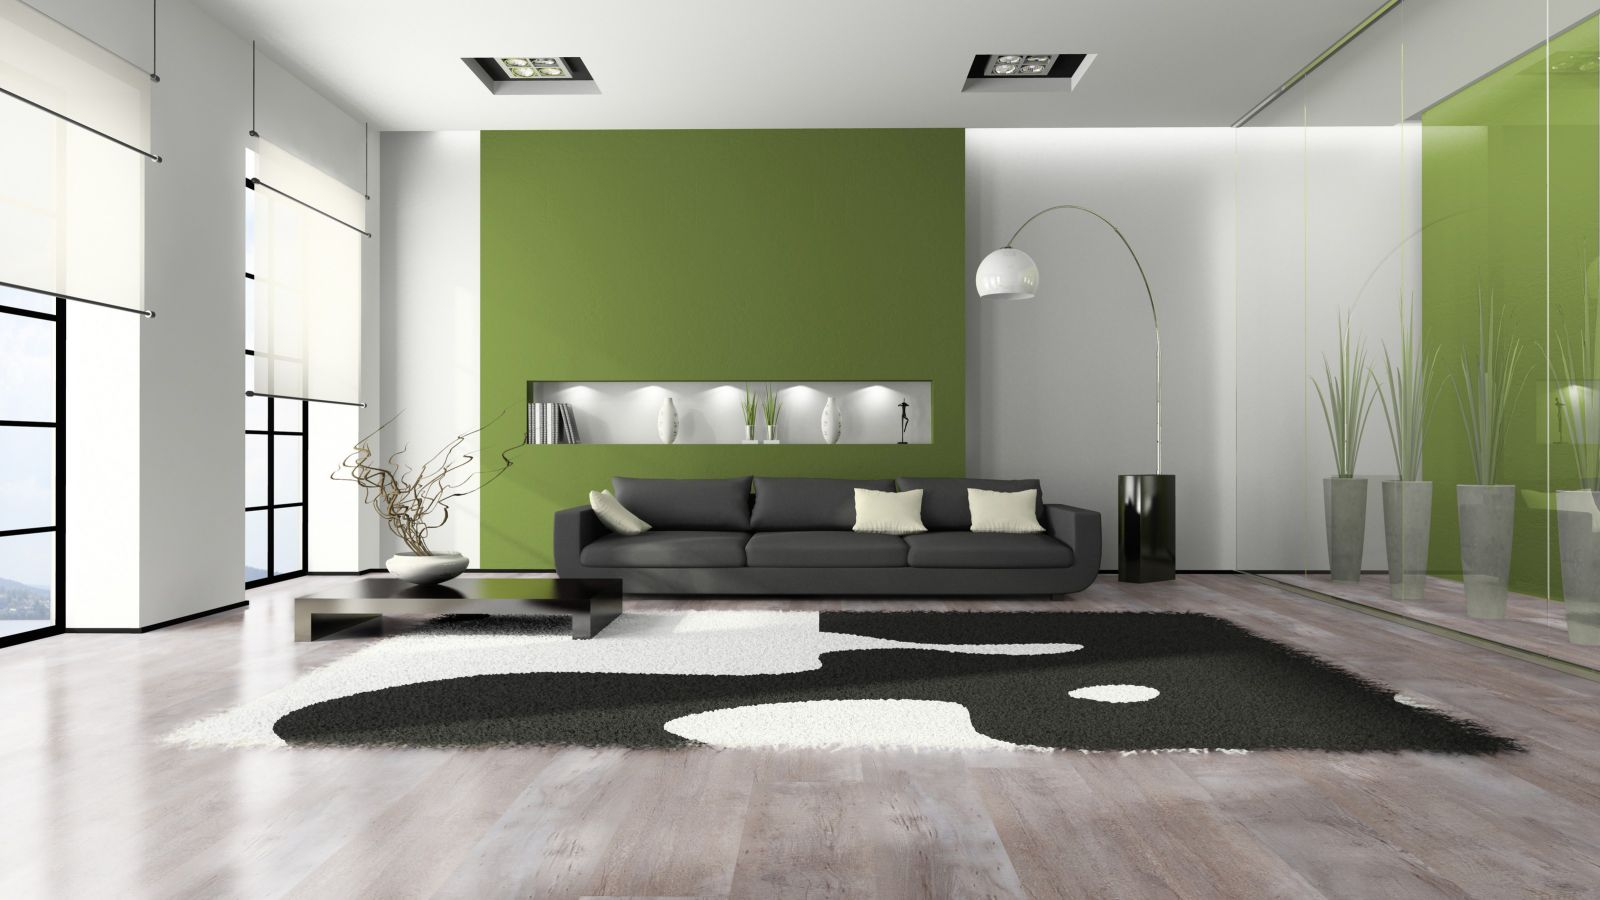 PVC vloeren mFLOR - PVC vloeren van Mflorshop